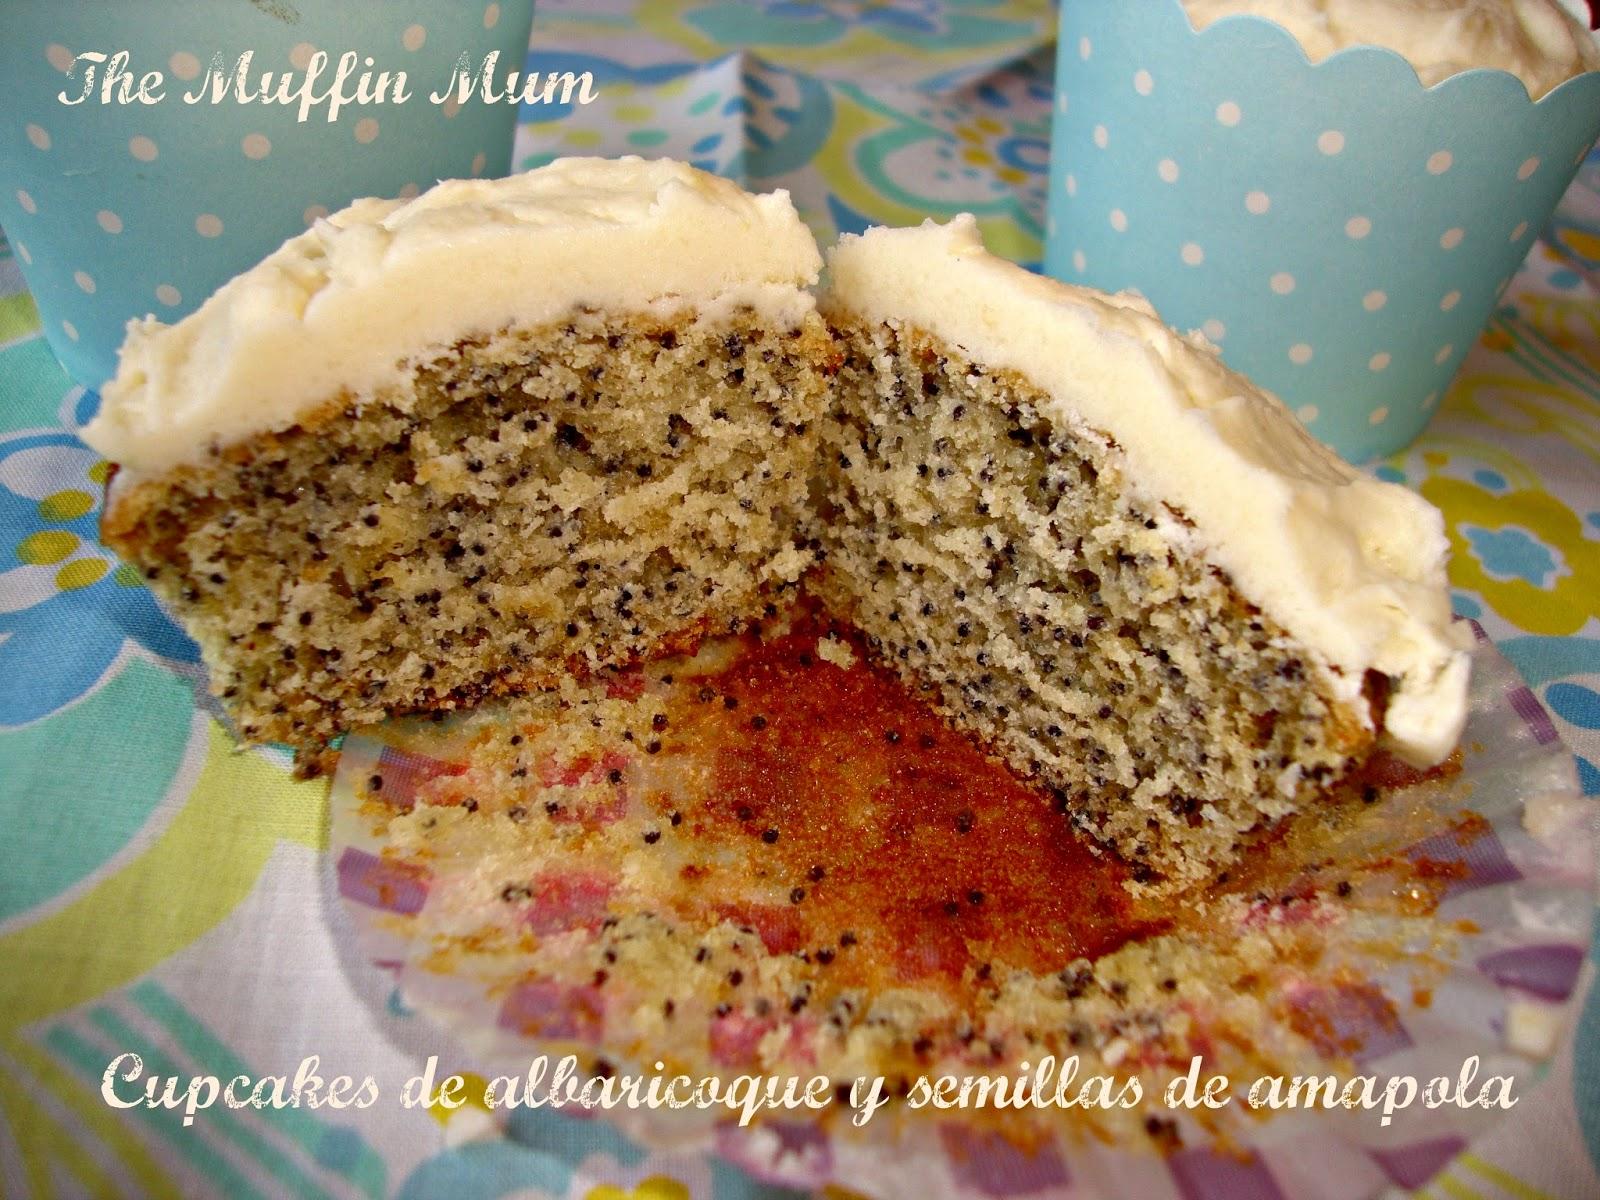 Interior de cupcakes de albaricoque con semillas de amapola